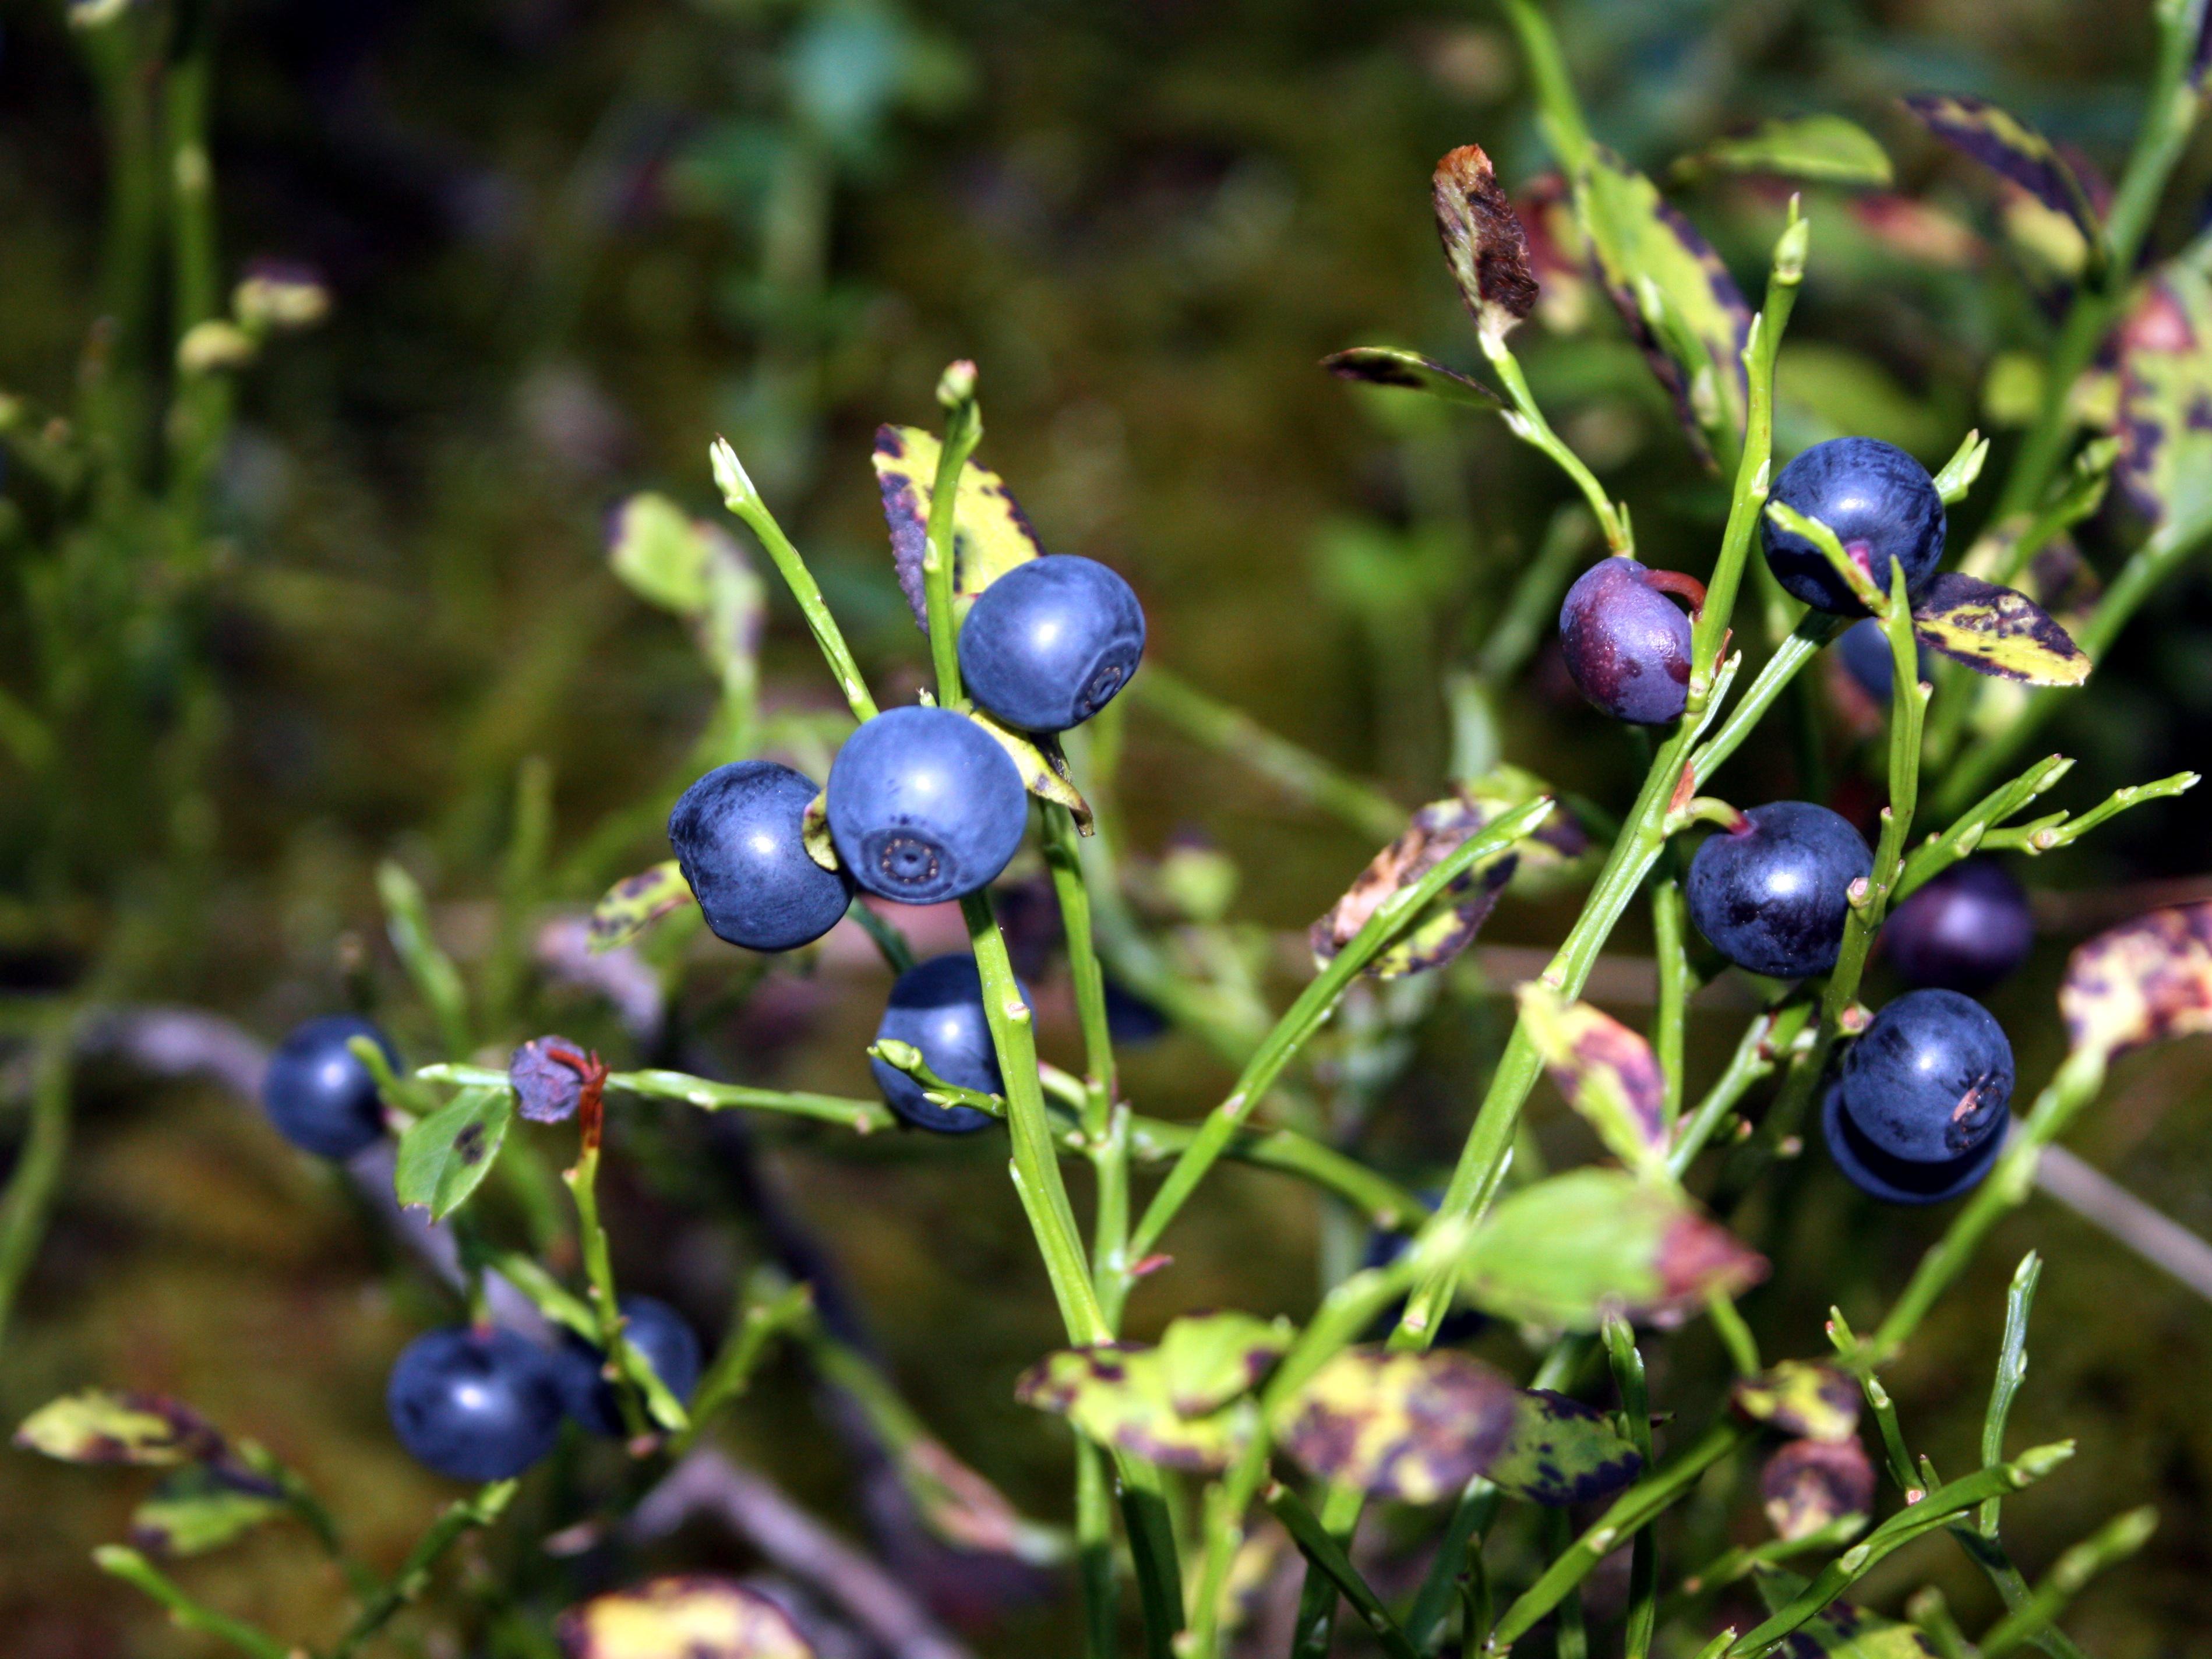 Фотосессии в лесу с ягодами 14 фотография